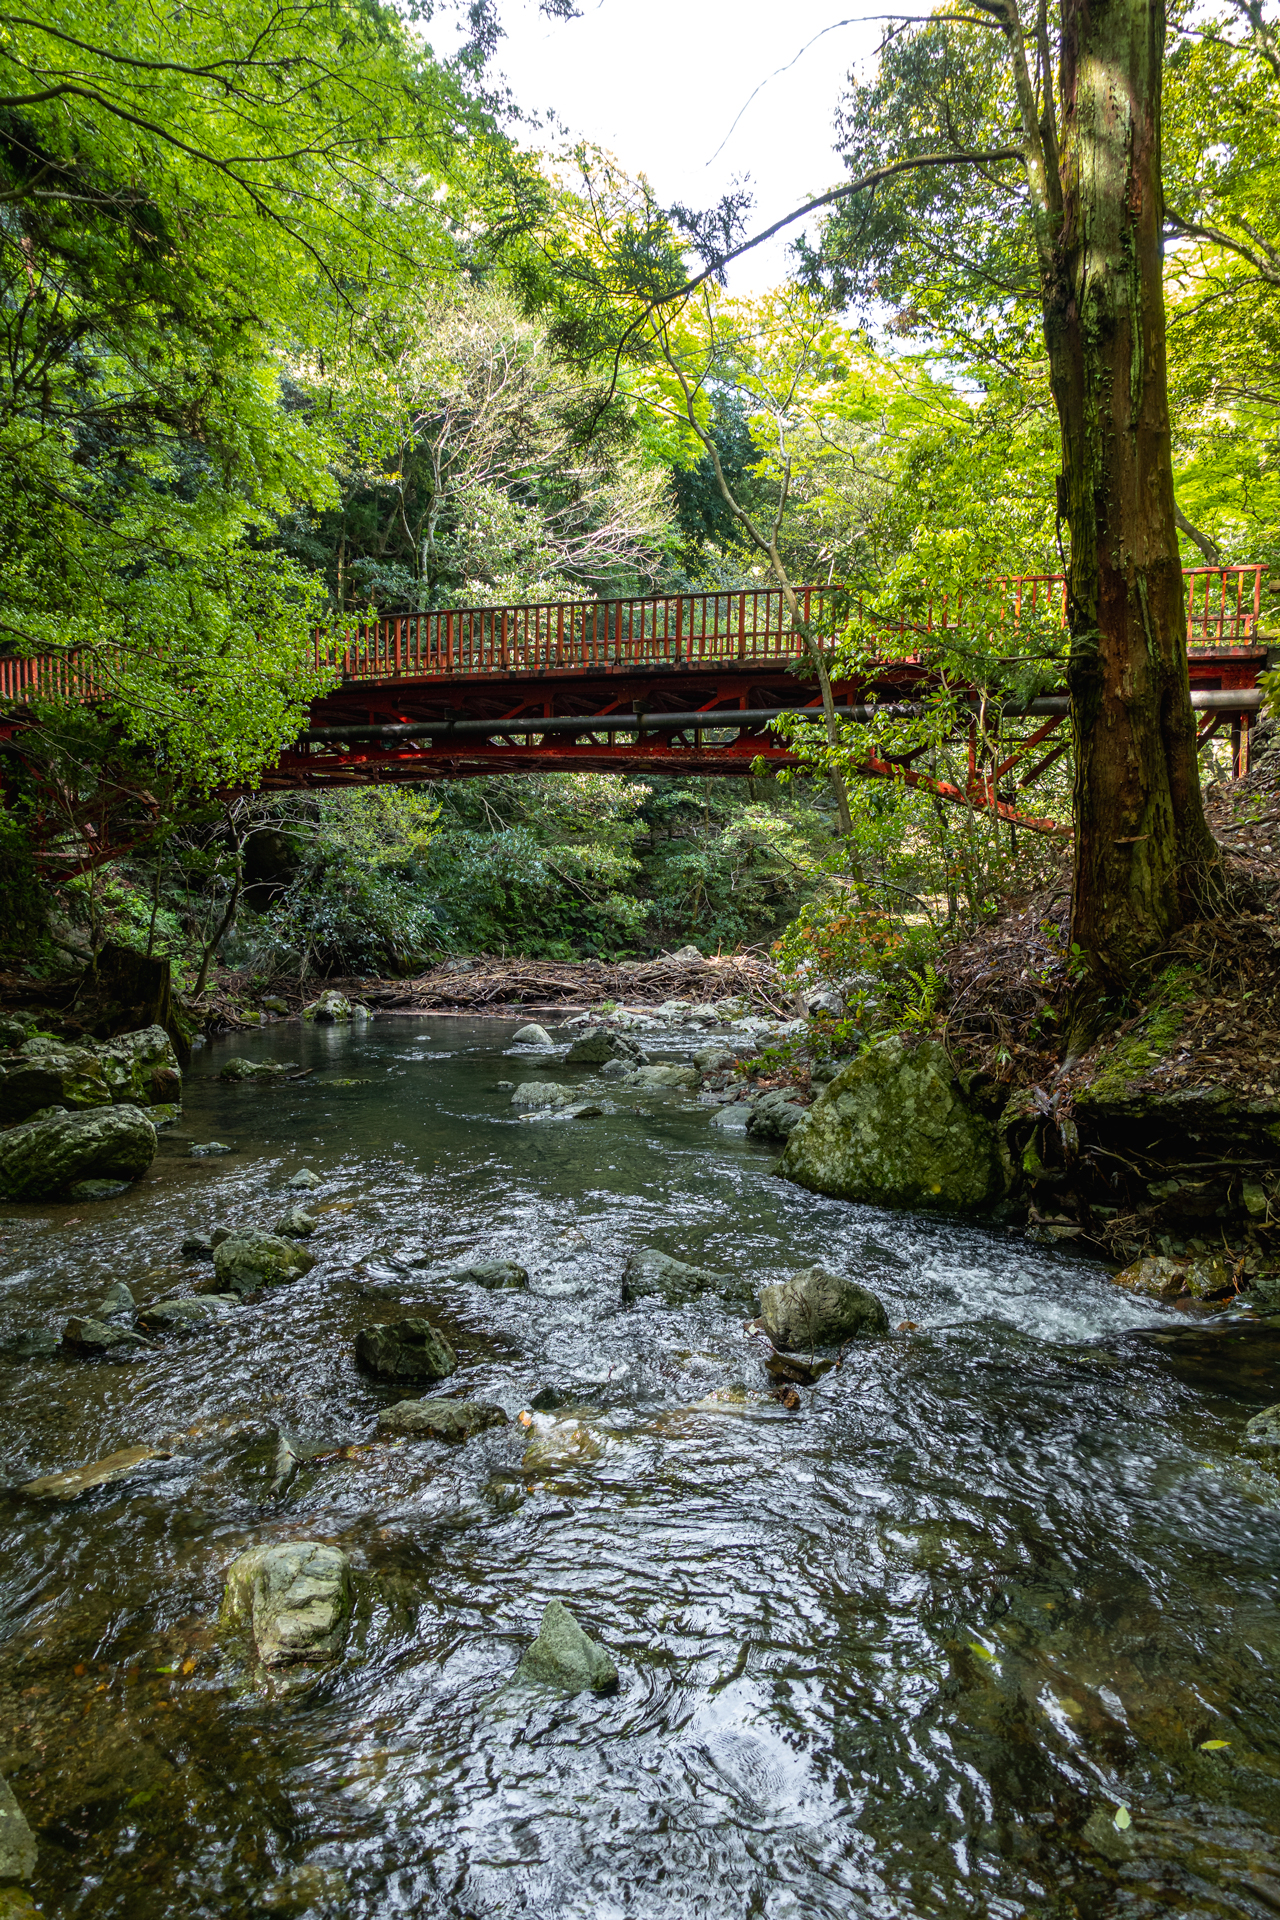 DSC05812 大阪府 箕面大滝(日本の滝百選に選定された新緑に染まる絶景の滝スポット! 写真の紹介、アクセス情報など)